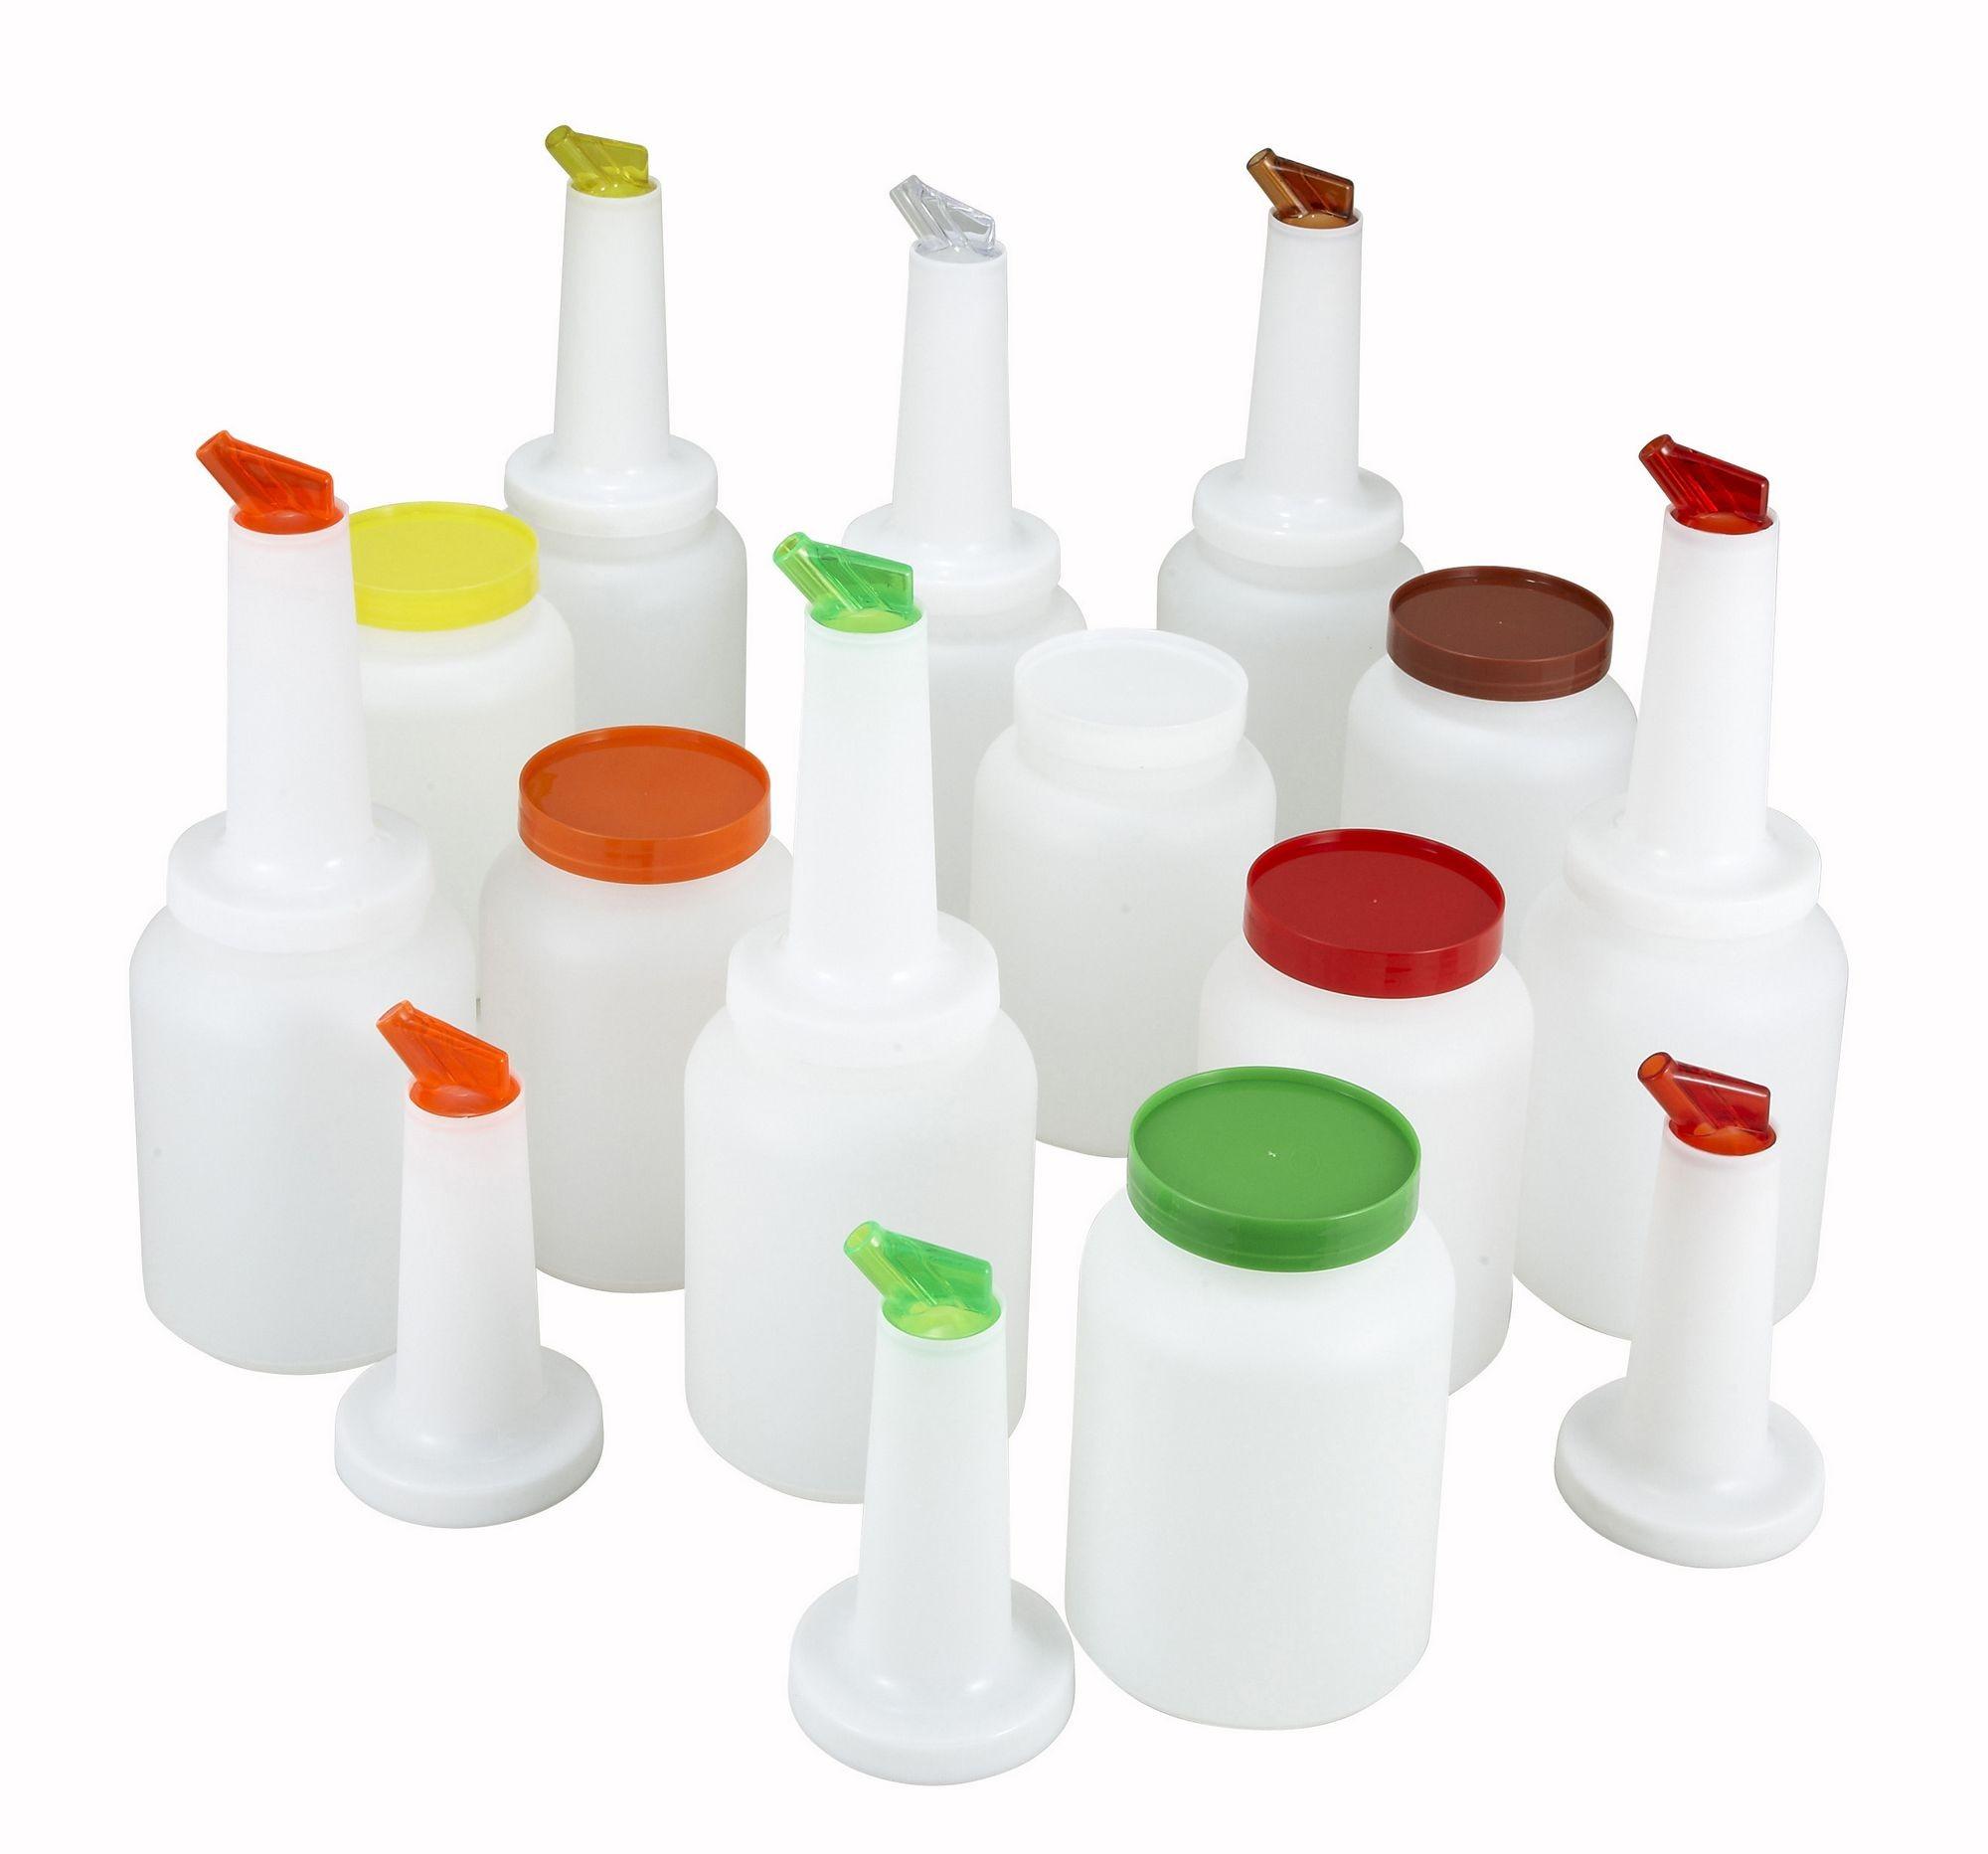 Winco PPB-2MX Liquor and Juice Multi Pour Set with Assorted Color Spouts and Lids 2 Qt.